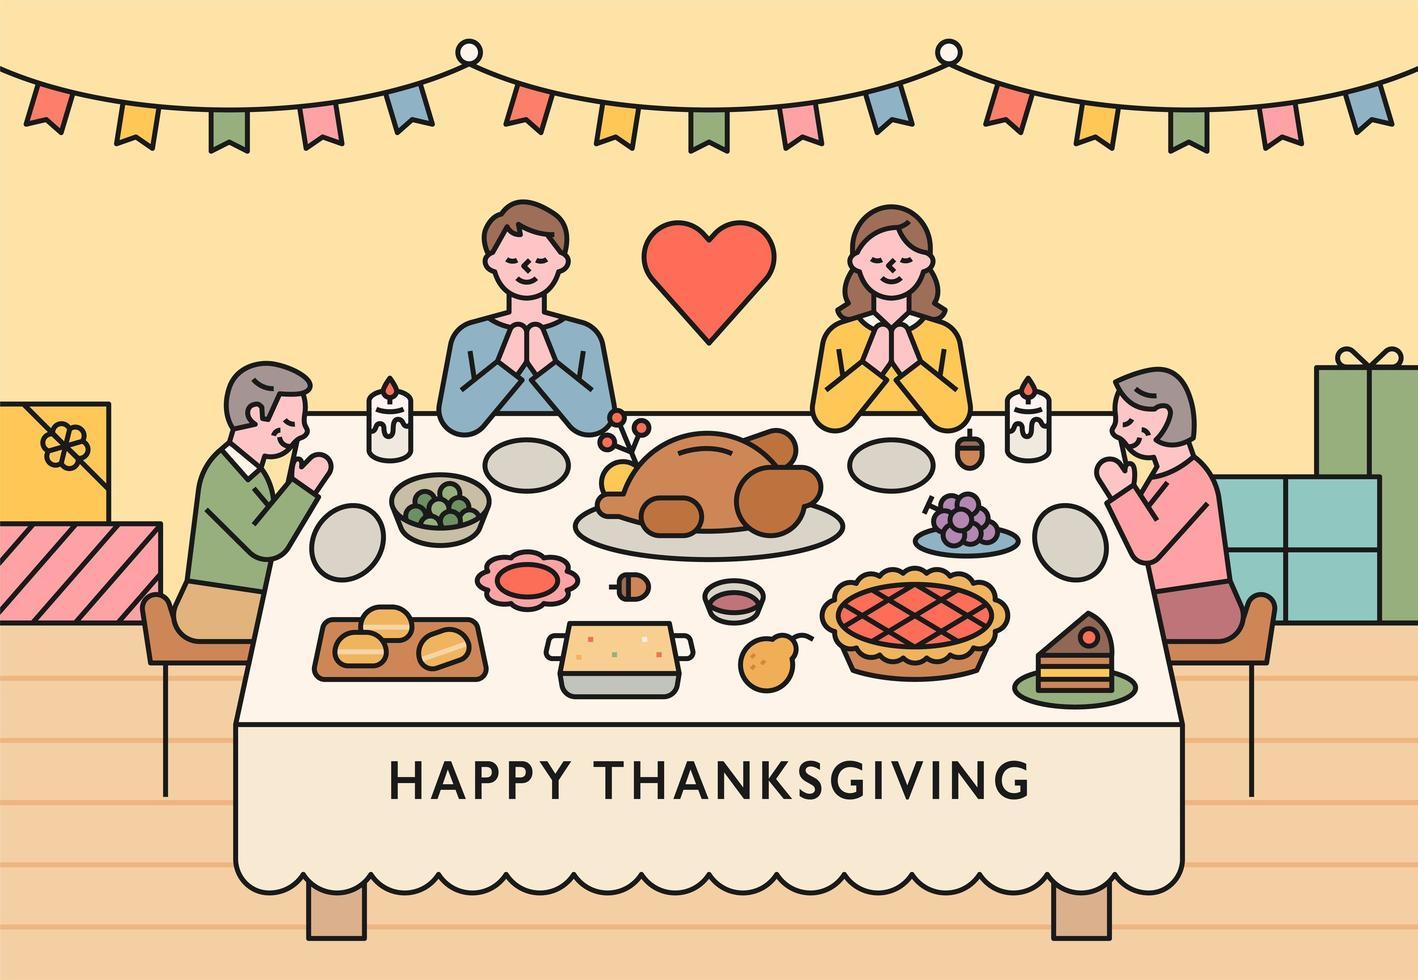 les familles sont assises autour d'une table pour l'action de grâce et la prière vecteur